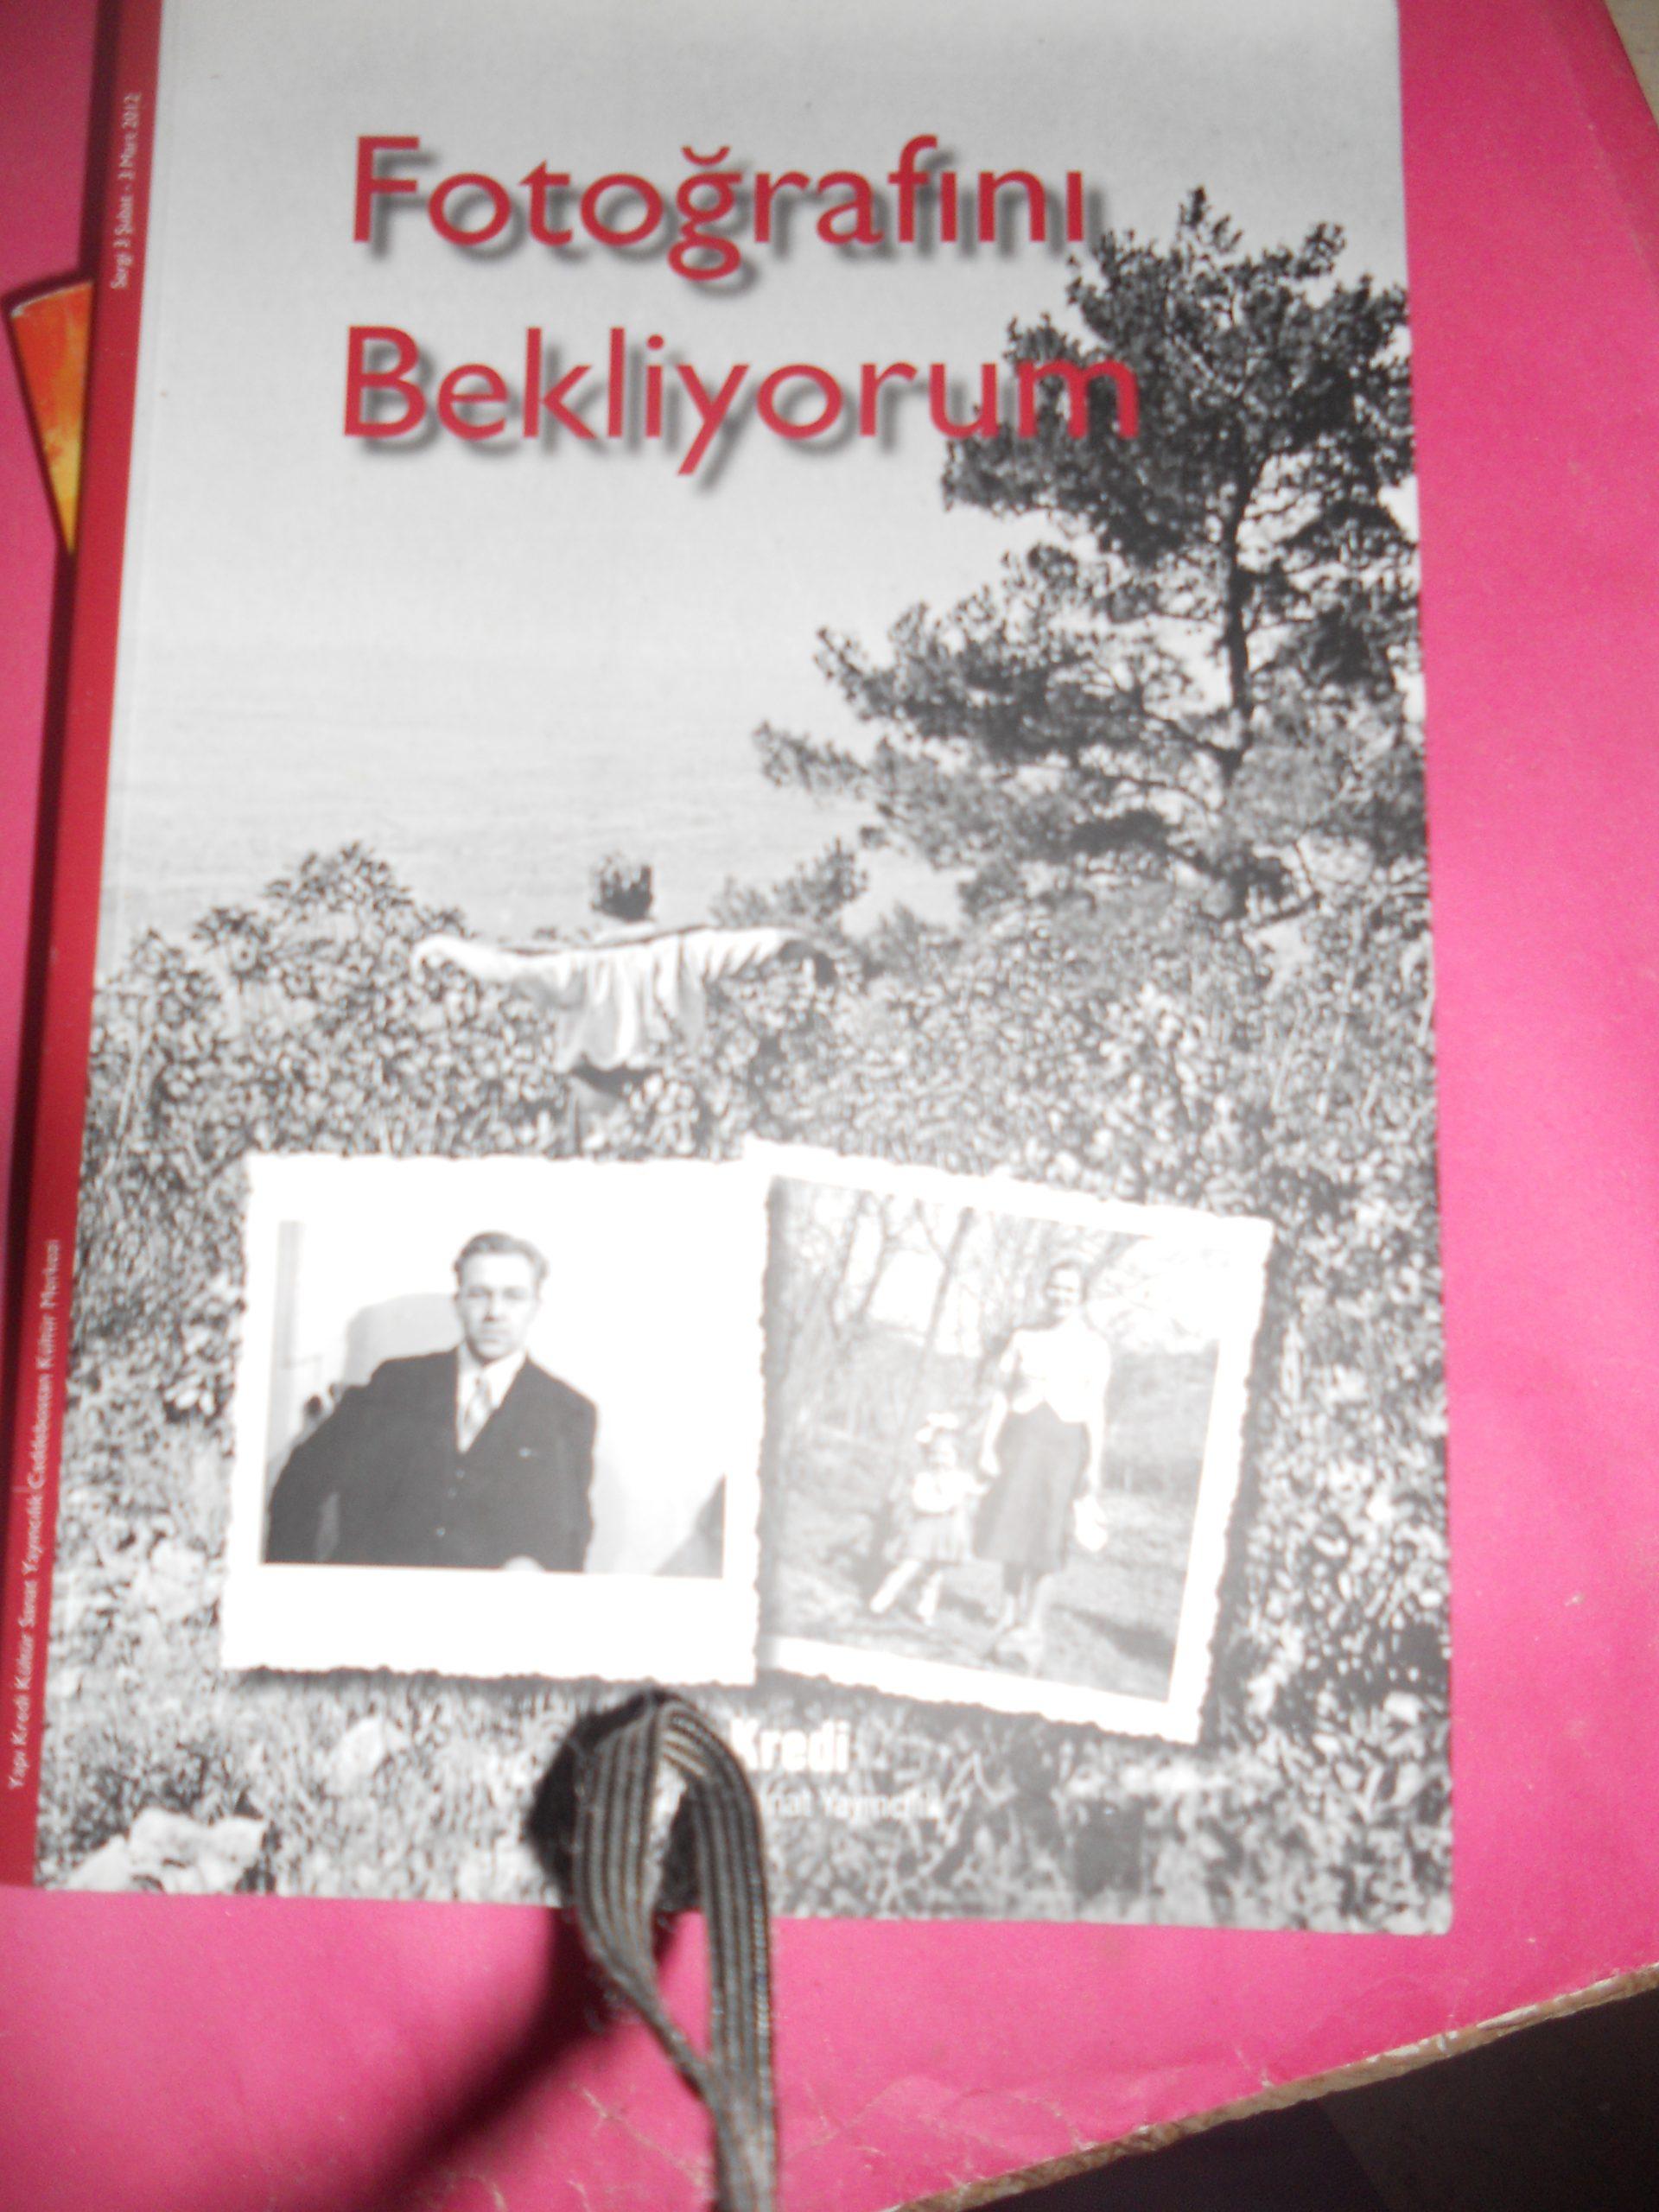 FOTOĞRAFINI BEKLİYORUM/Sevengül SÖNMEZ/25 TL